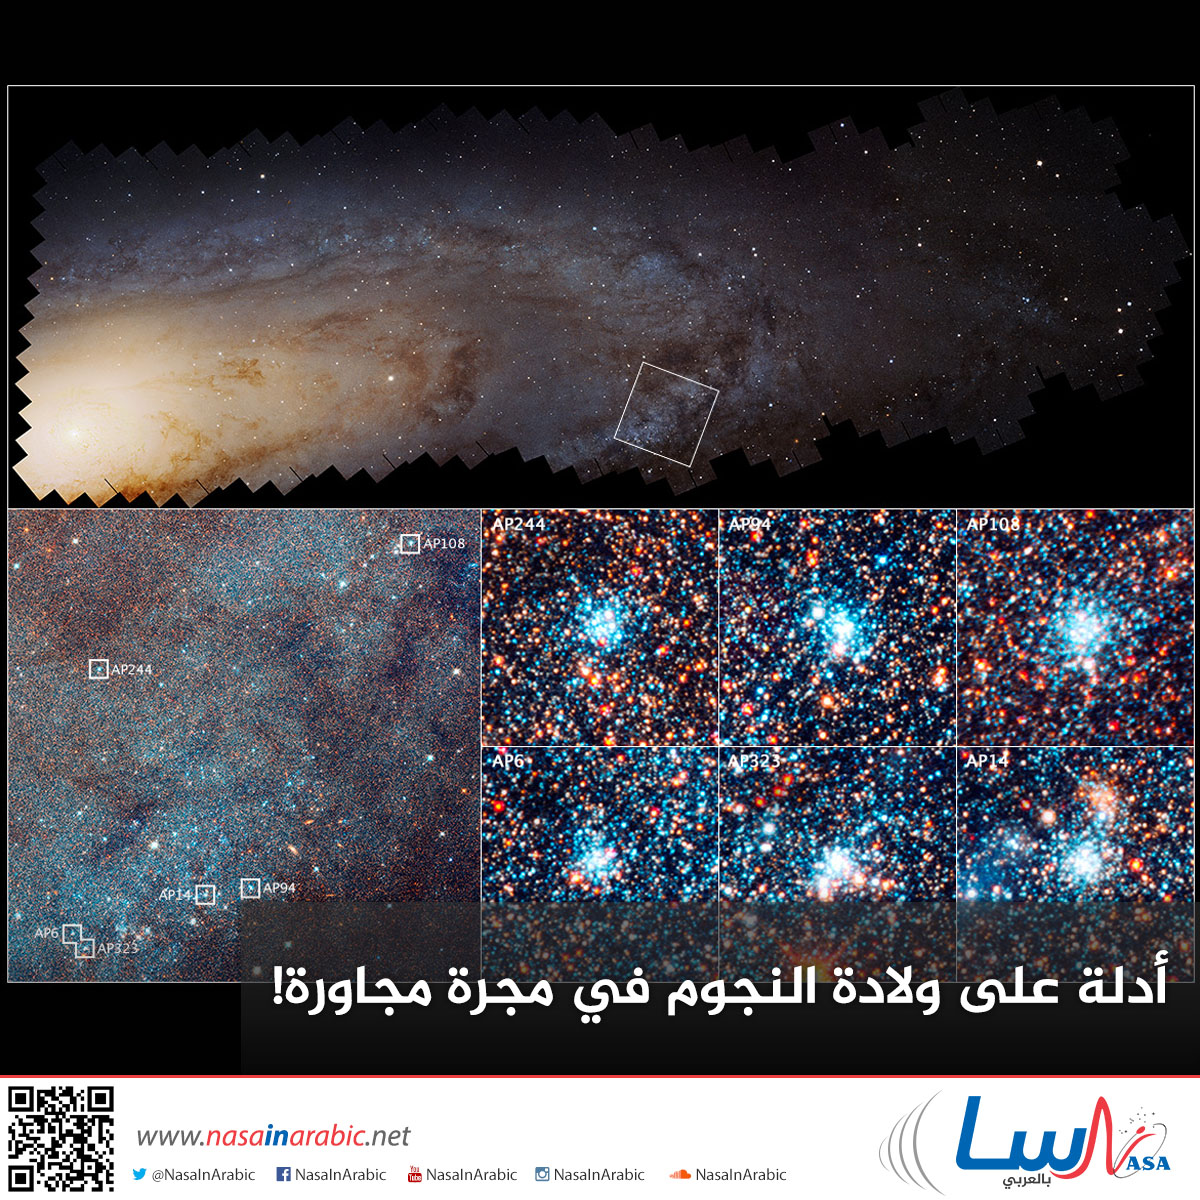 أدلة على ولادة النجوم في مجرة مجاورة!